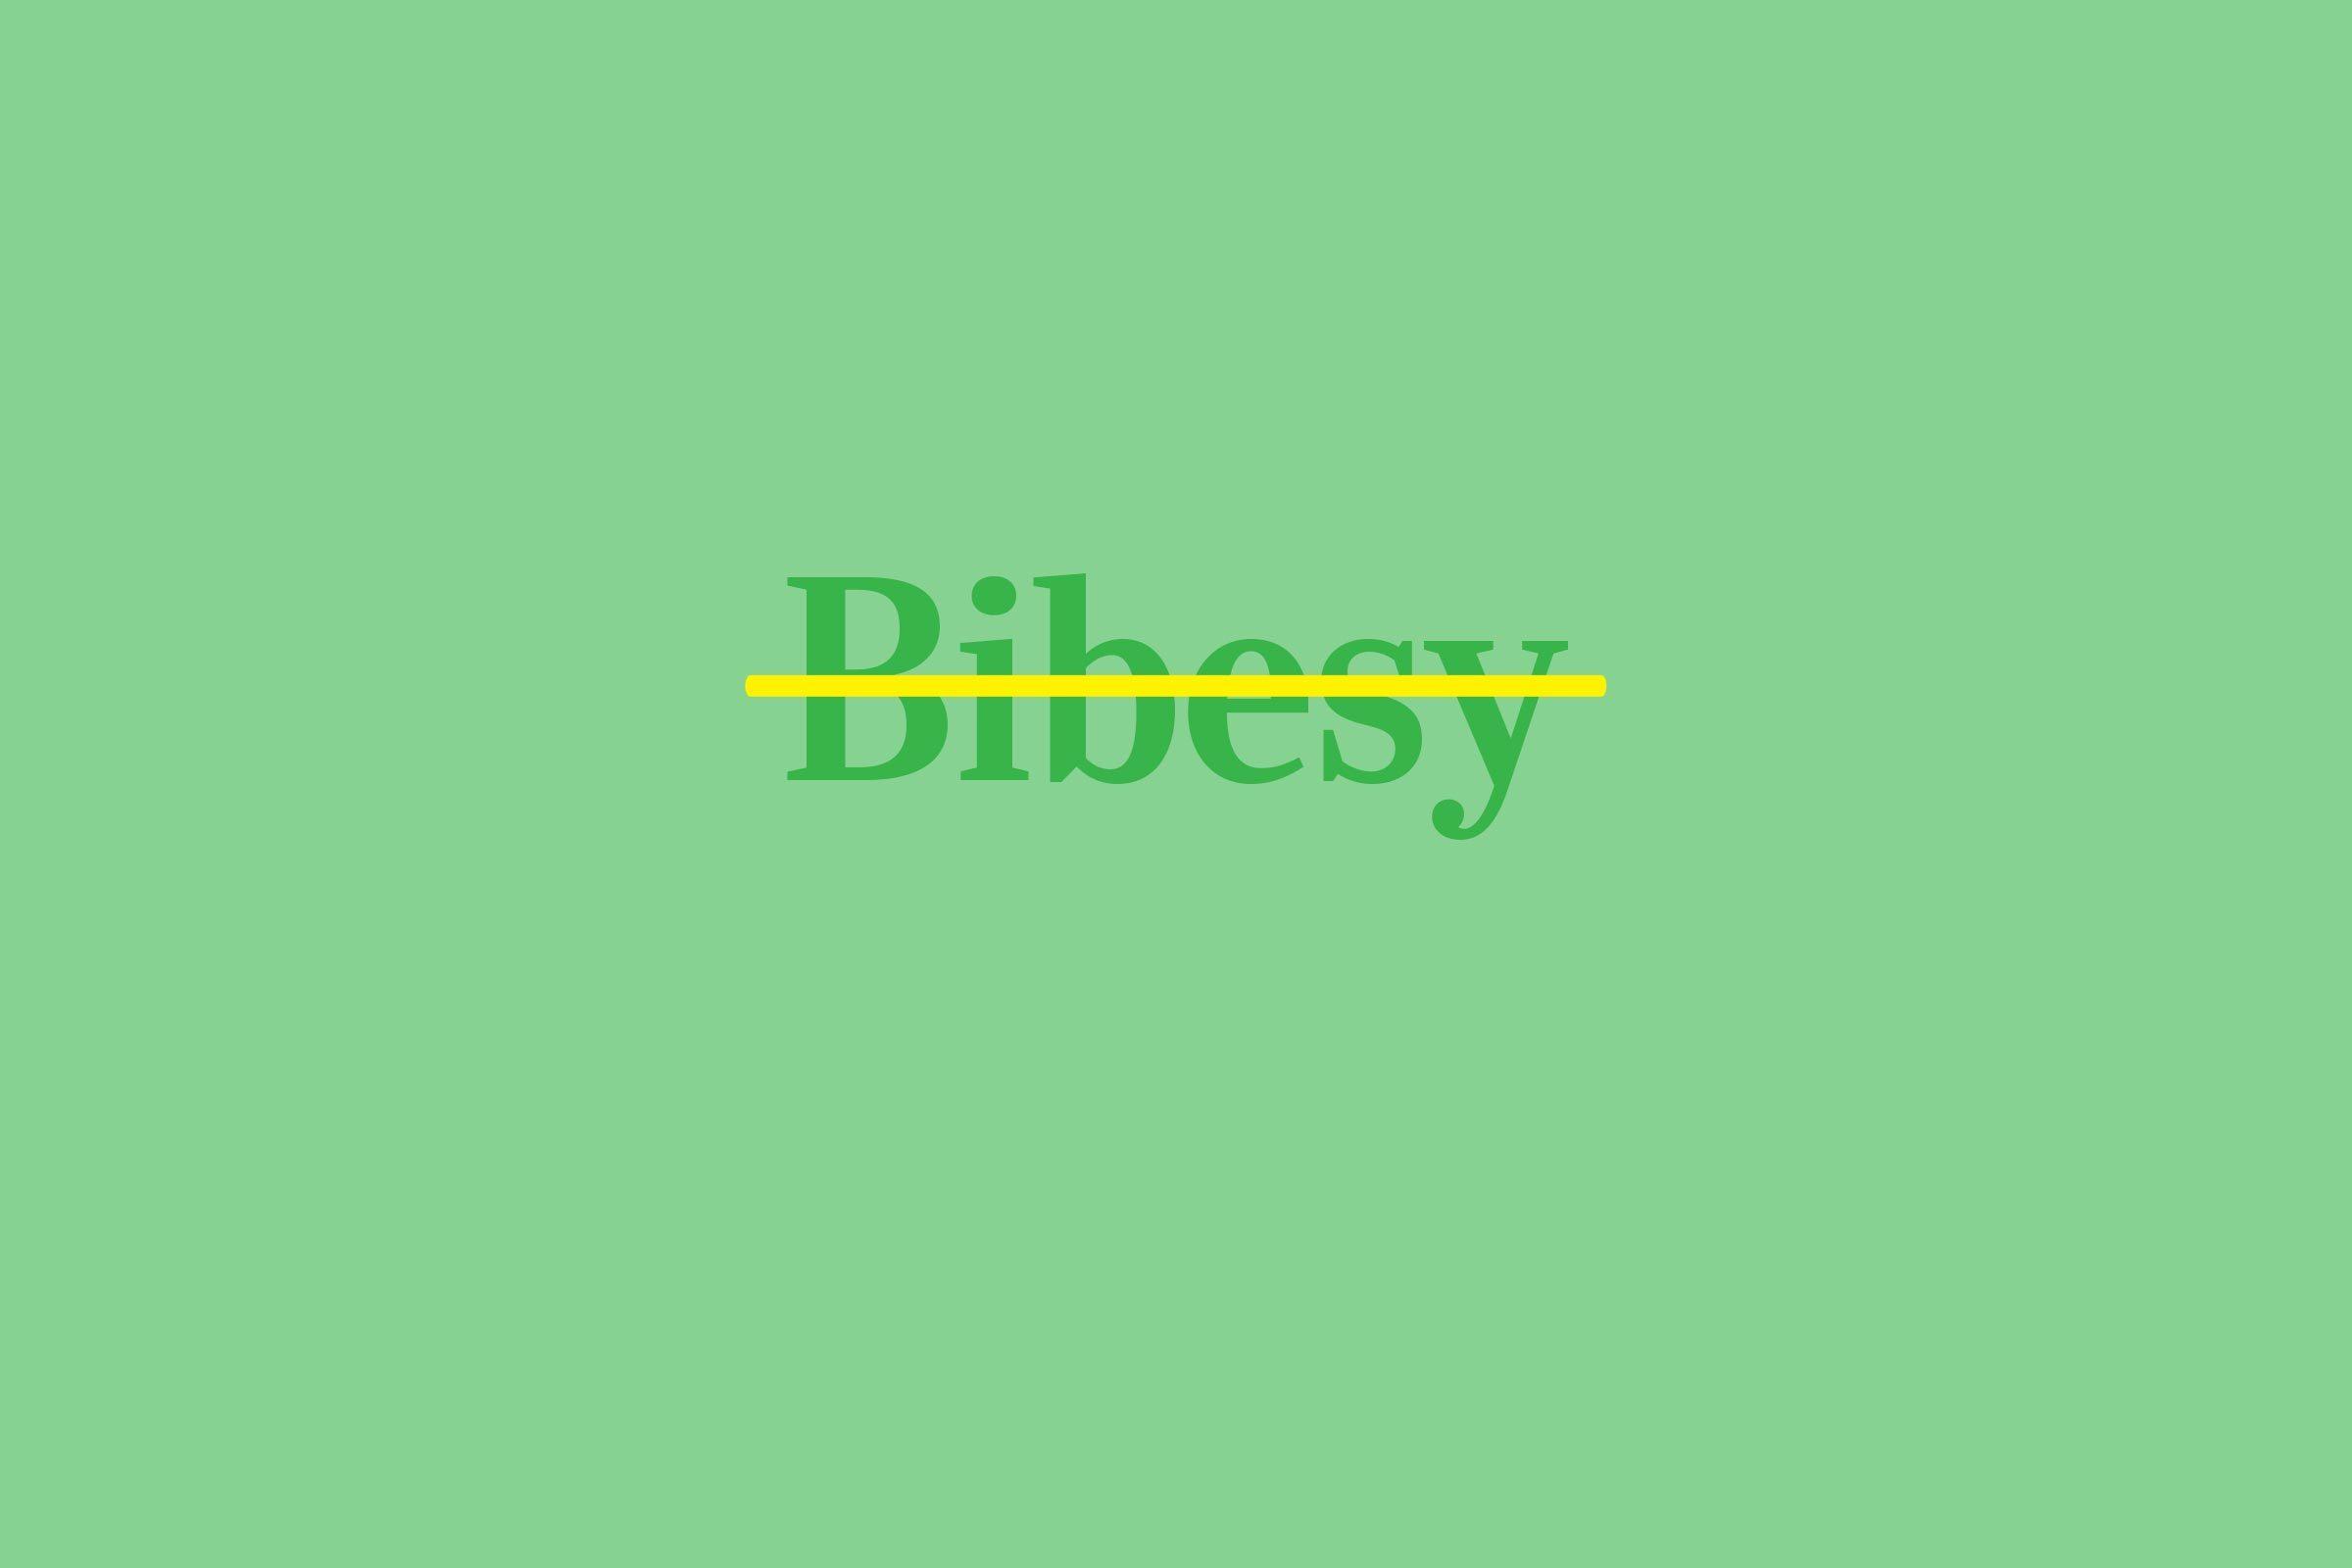 bibesy